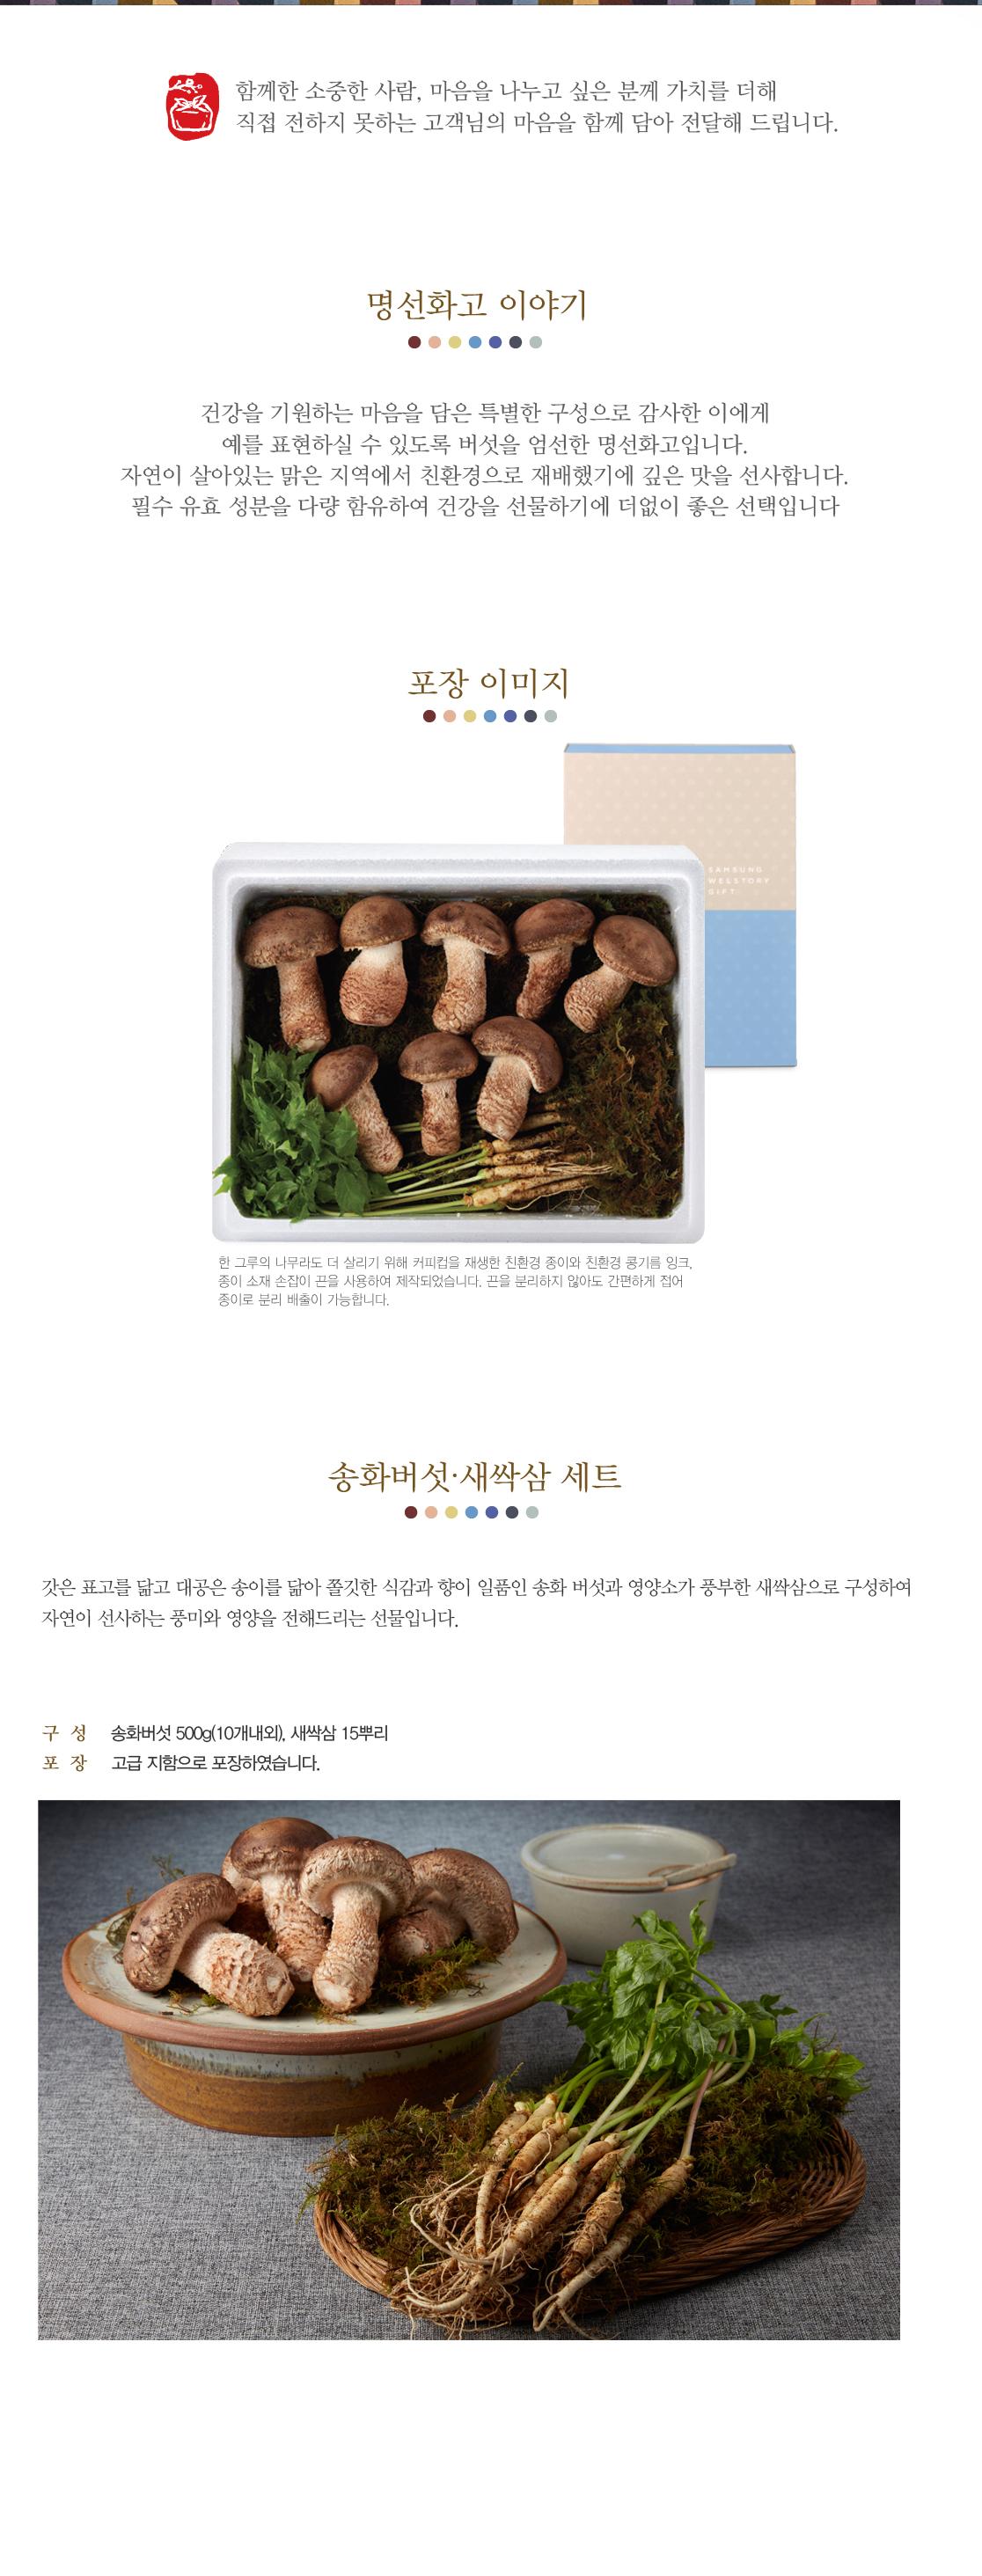 송화버섯∙새싹삼세트 2종